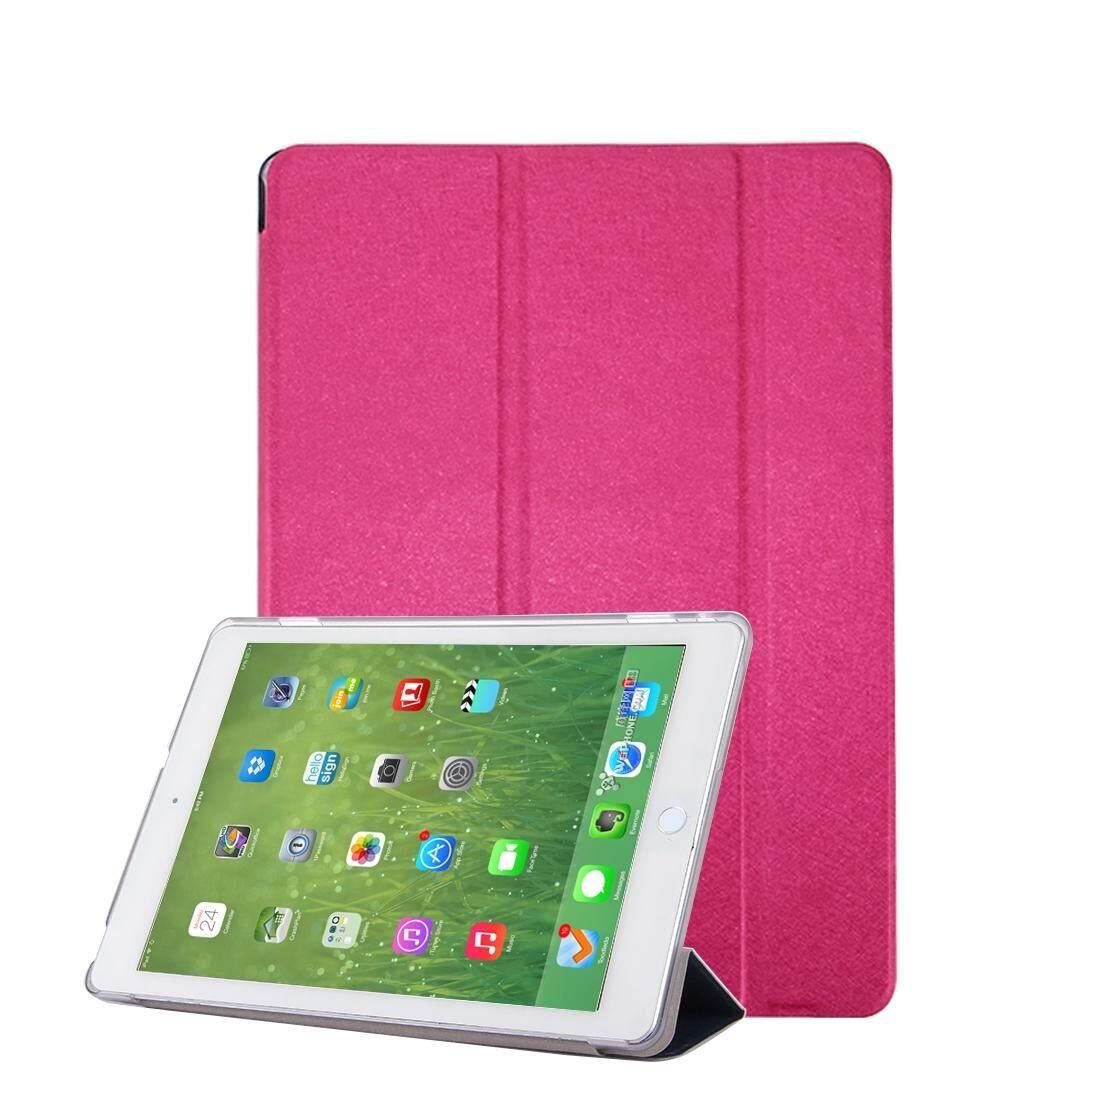 Untuk Huawei MediaPad M3 Lite 10.1 Inch Tekstur Sutra Kulit Horisontal Lipat Case dengan 3-Lipat Penahan & Tidur /Wake-Hingga Fungsi (Magenta) -Internasional